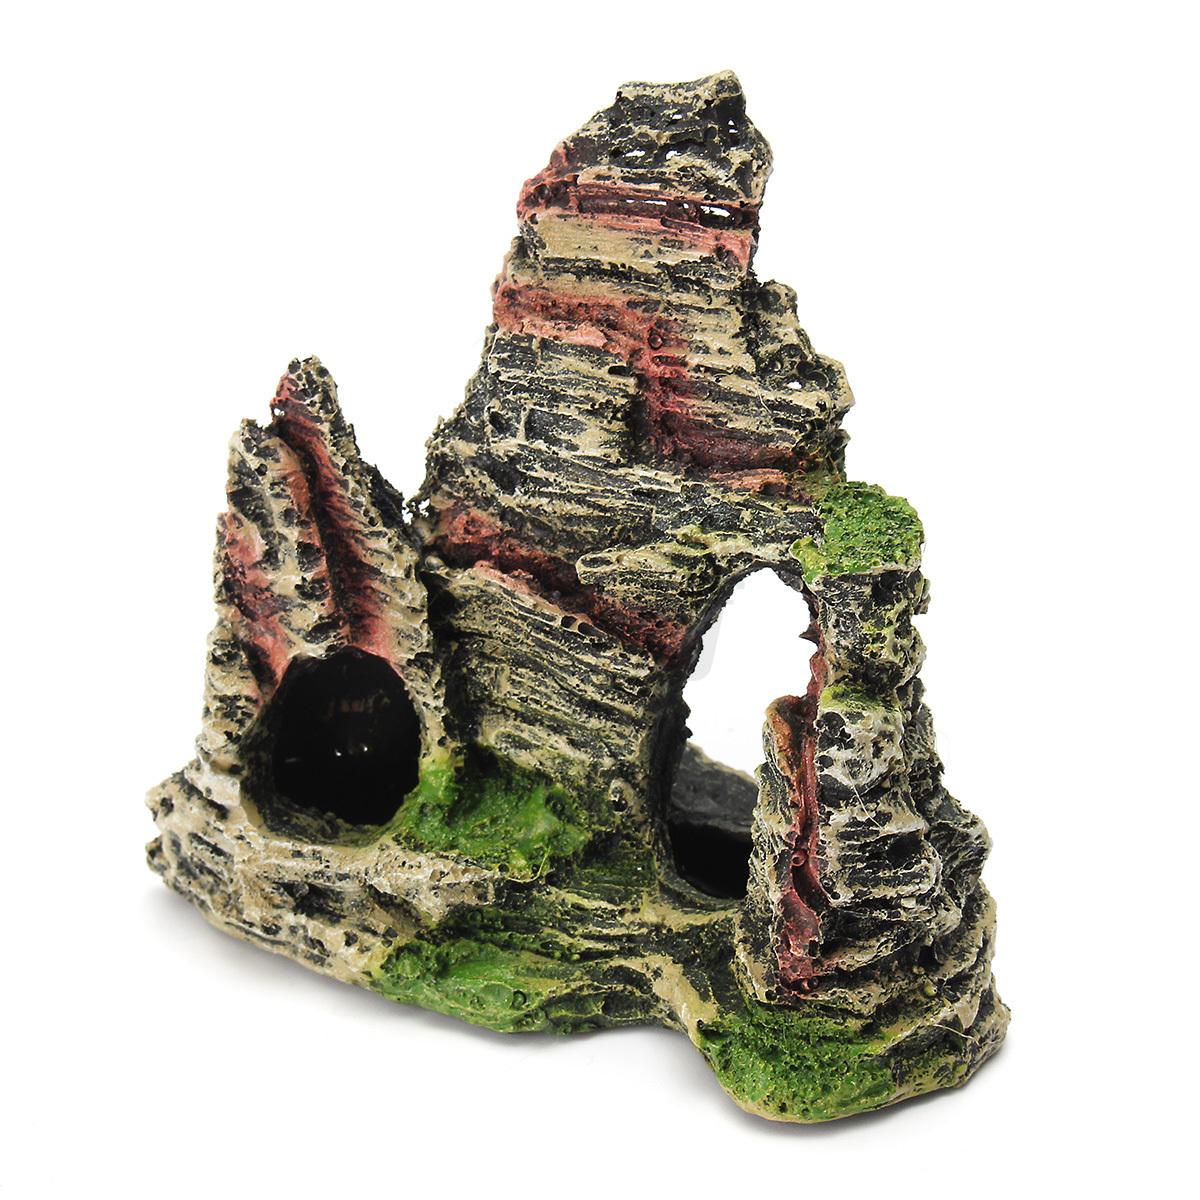 Resin mountain view aquarium ornament cave rock stone fish for Aquarium mountain decoration